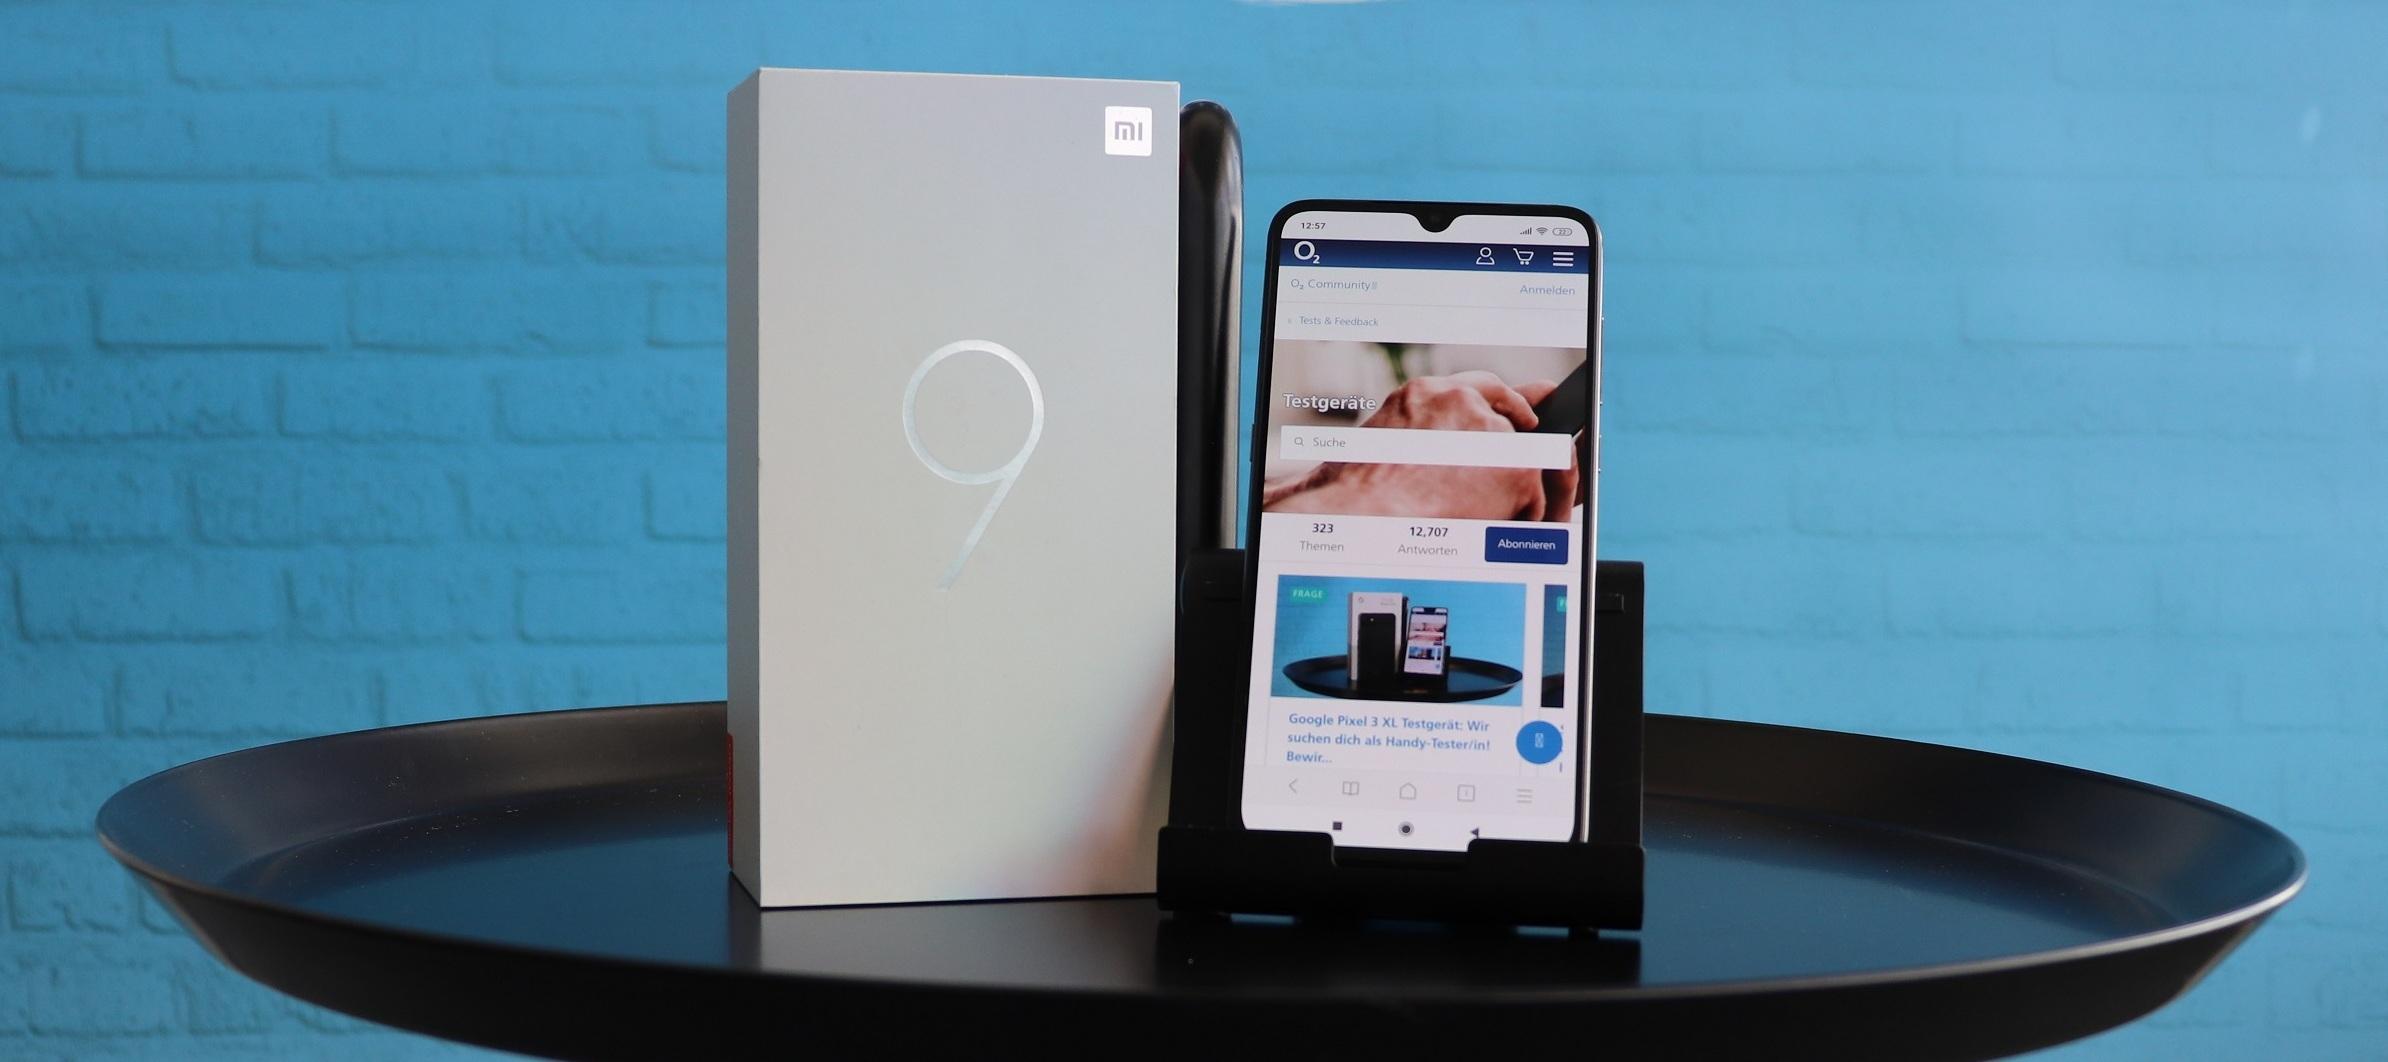 Xiaomi Mi 9 Testgerät: Xiaomi in die Augen Kleines! Jetzt Handytester/in werden!